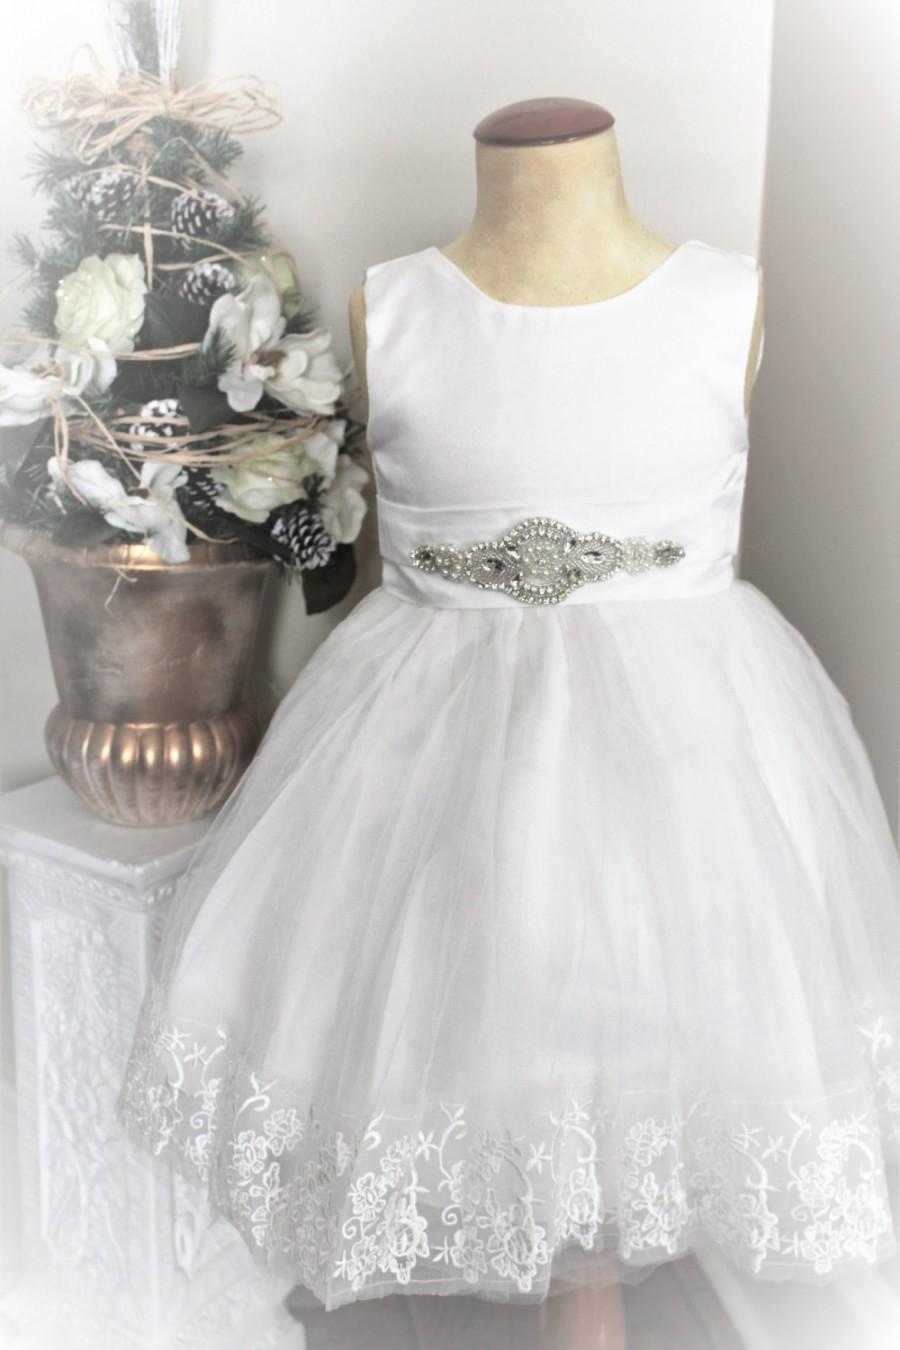 زفاف - White Flower Girl Dress- White Lace Flower Girl Dress- Couture Flower Girl Dress- Birthday Girls Dress